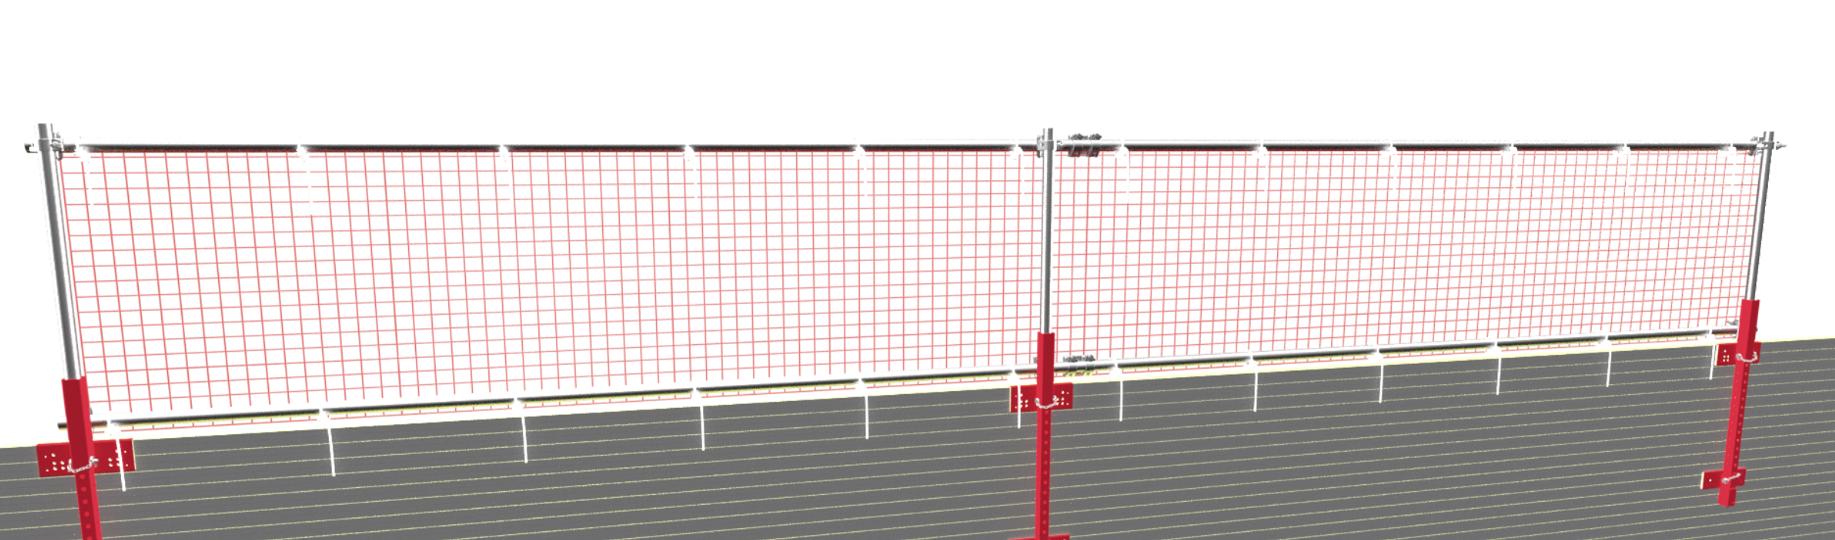 Seitenschutz an Dachkante zum Schutz vor herabstürzenden Baumaterialen